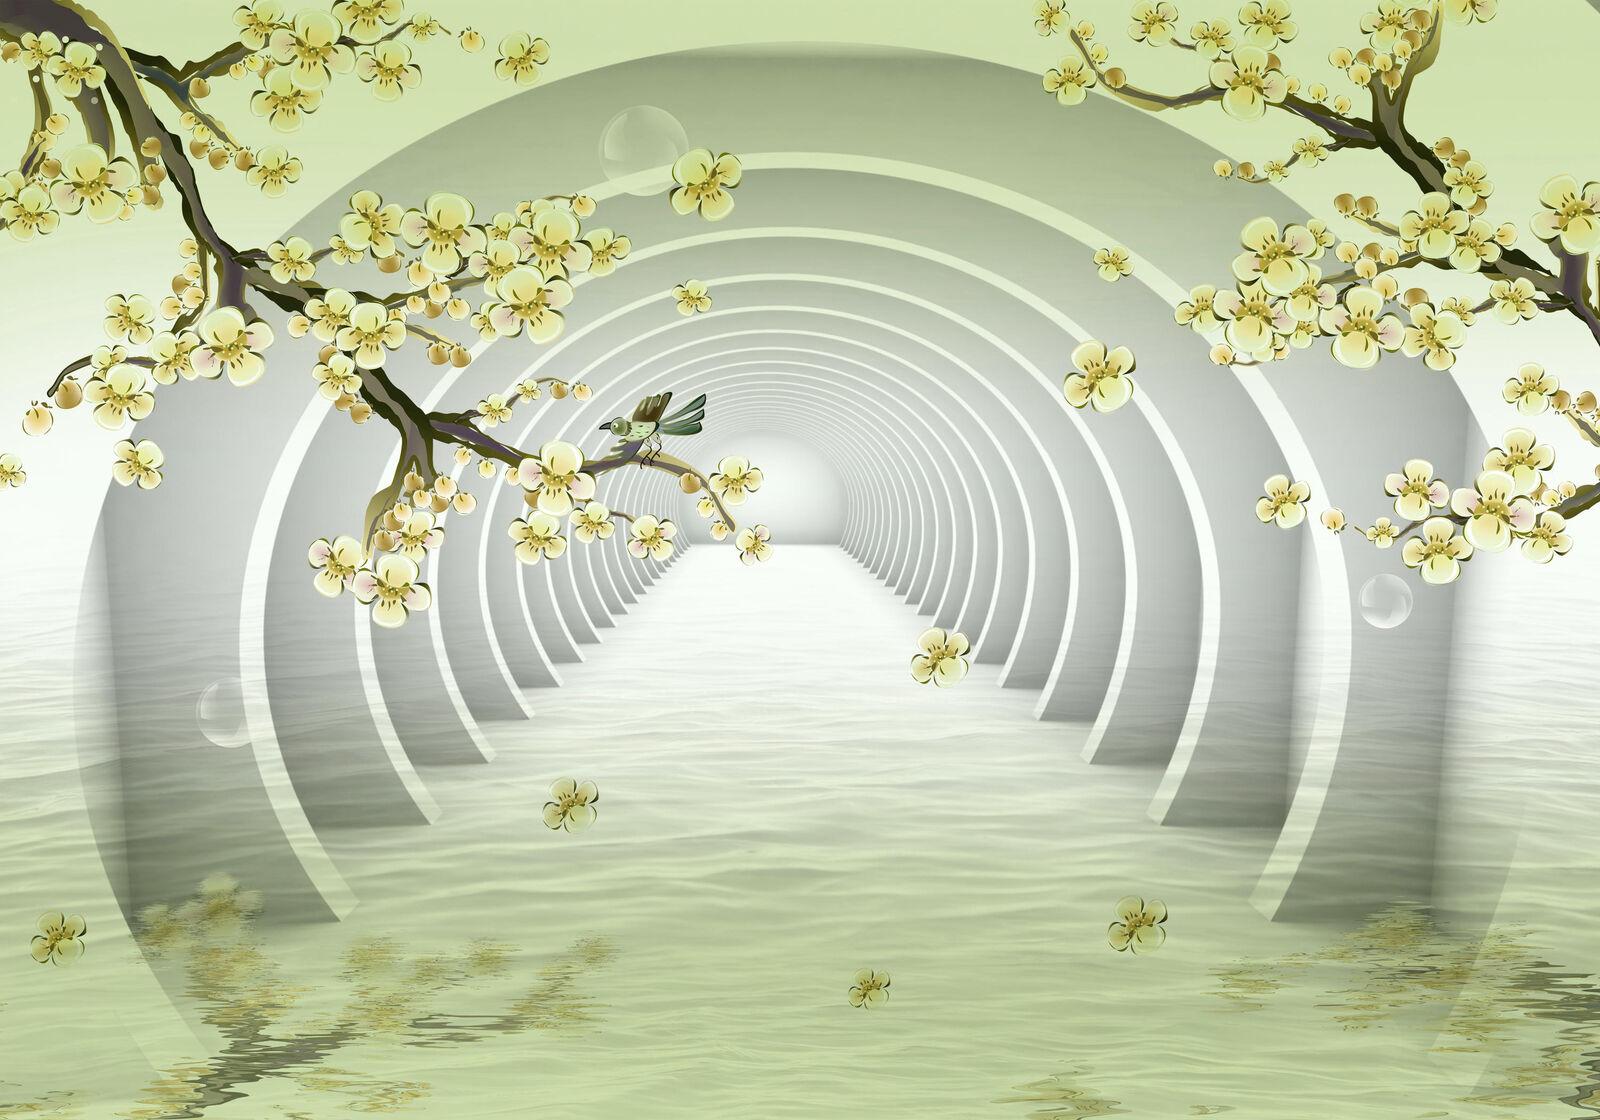 Fototapete Tunnel Äste gelb Blaumen Vogel Blase Wasser Fluss Abstrakt